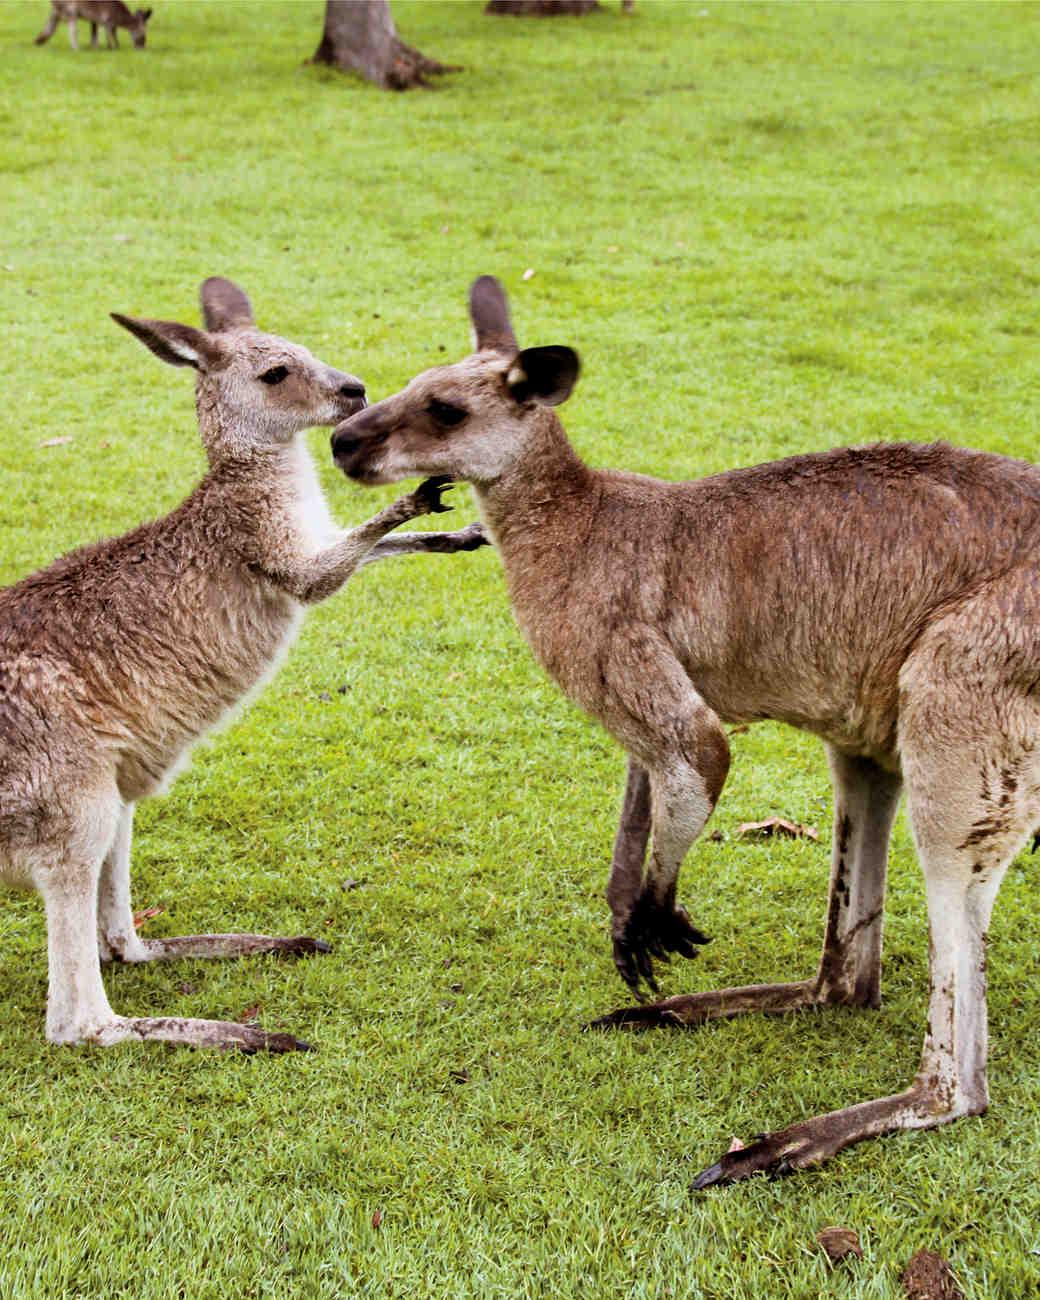 kangaroos-0811ms107520.jpg